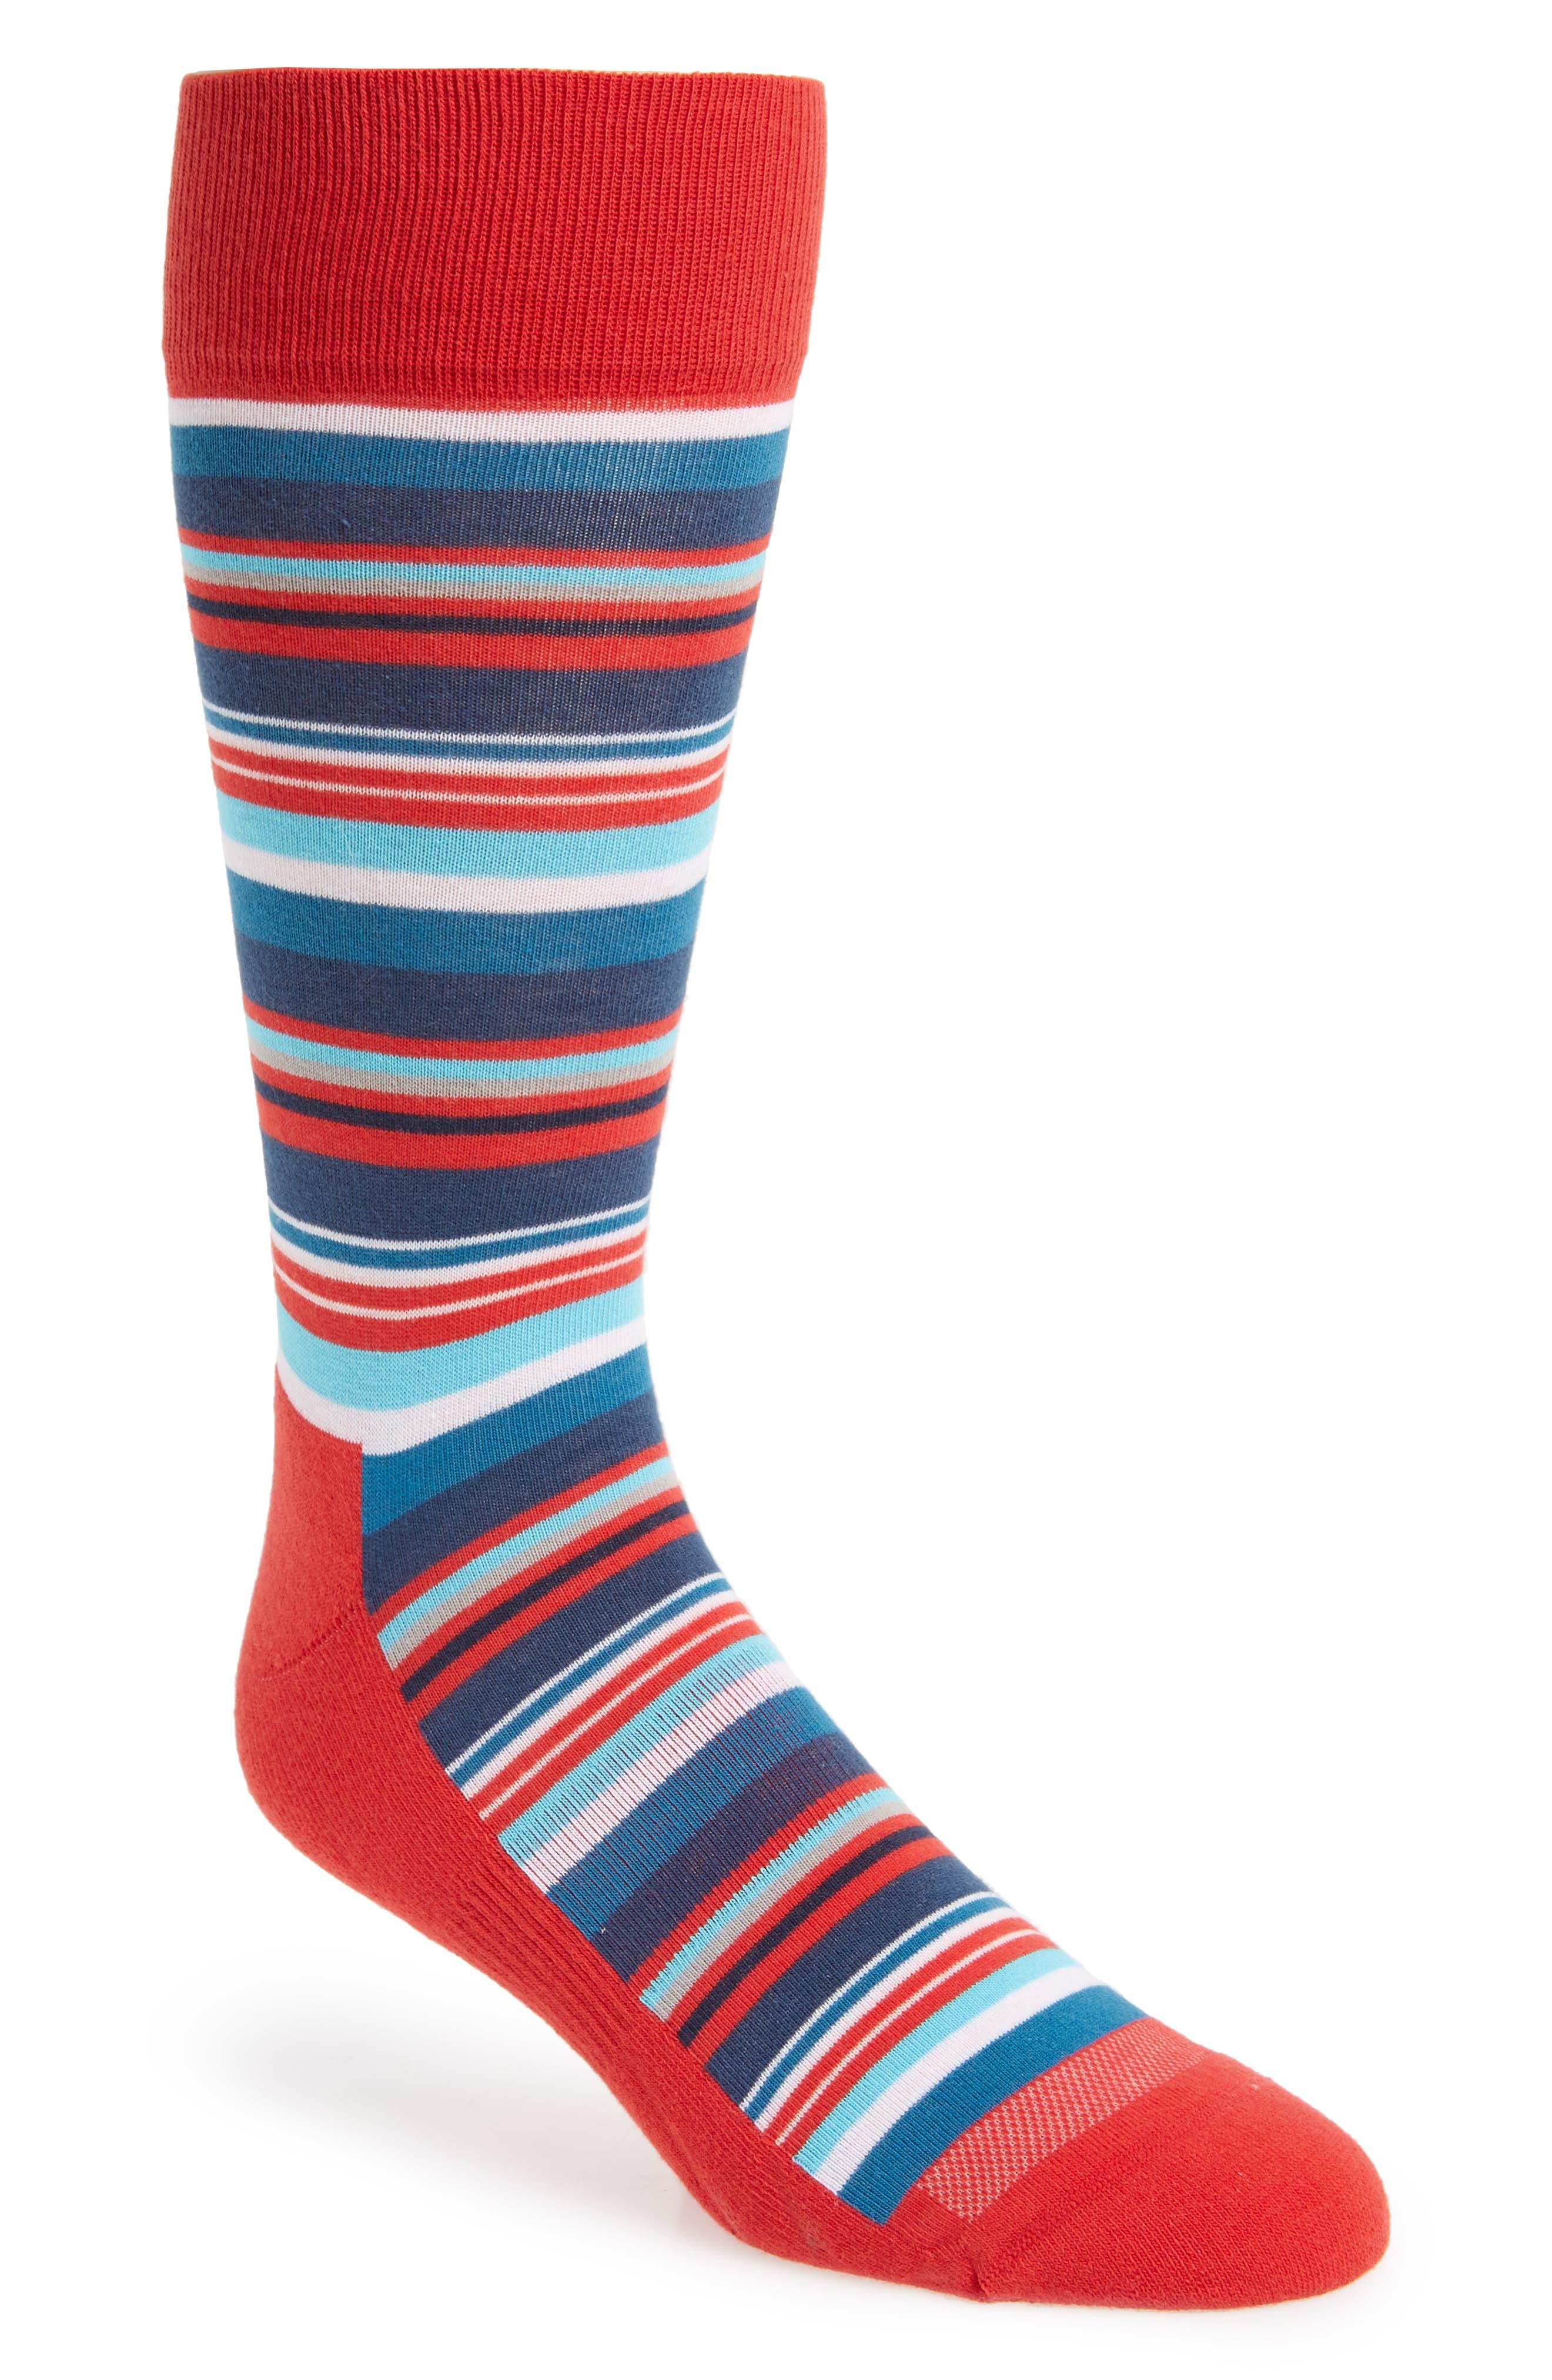 Nordstrom Men's Shop Variegated Stripe Socks (3 for $30)